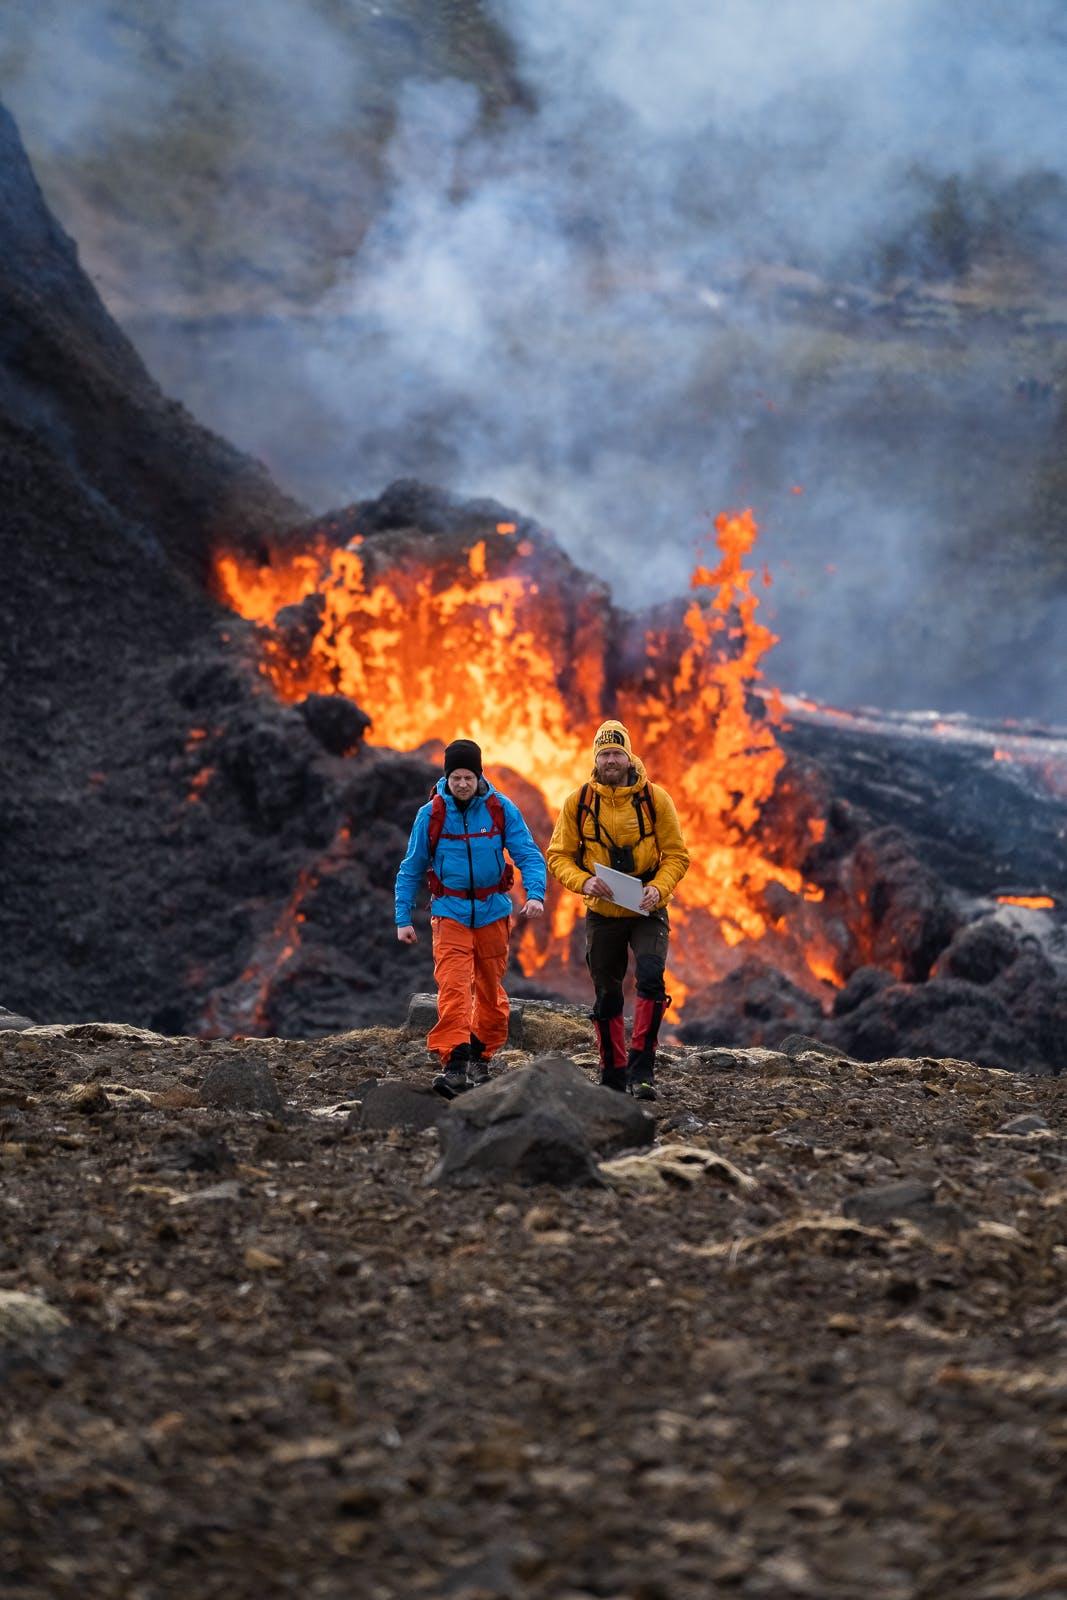 Two men walking past an erupting volcano